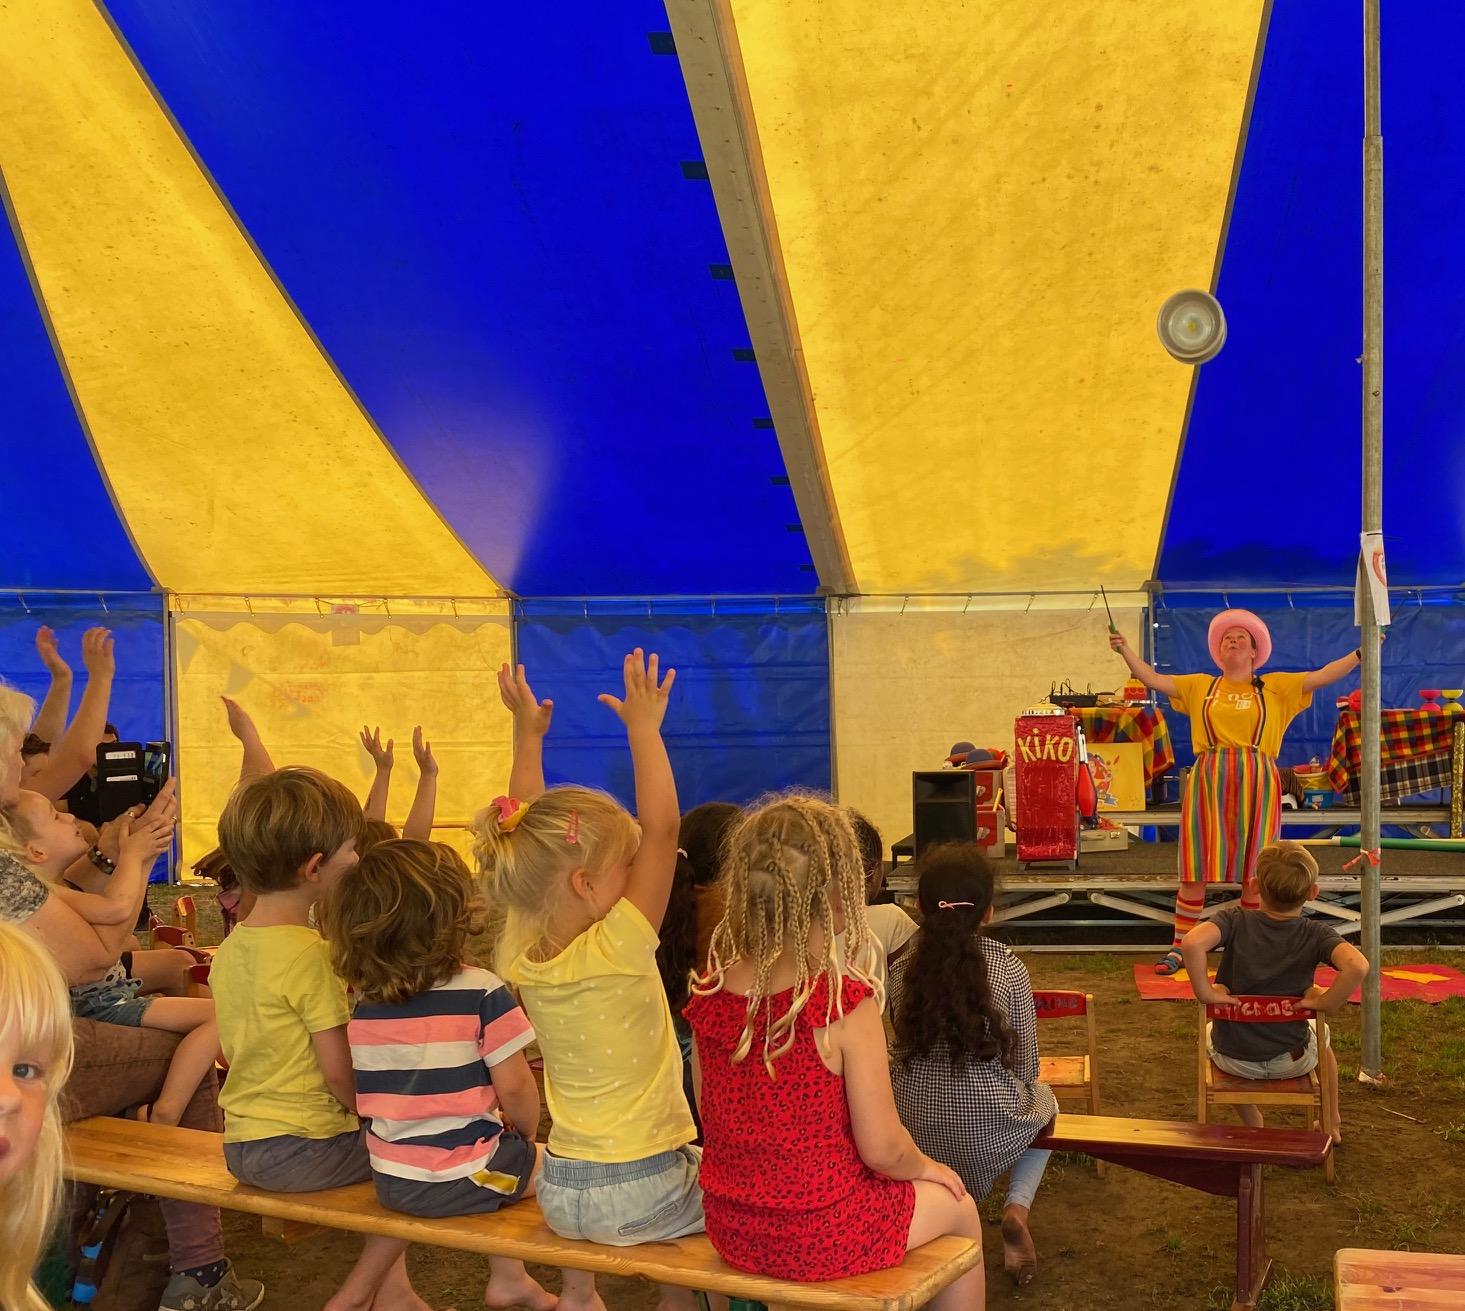 Kindertheater Kiko voorstelling Clown Kiko's jongleer en goochelshow leuke vrolijke kindervoorstelling vol circustrucs en interactie met de kinderen bij de Leuke Linde in Arnhem hier de kindervoorstelling voor 4 t/m 7 jaar door Clown Kiko